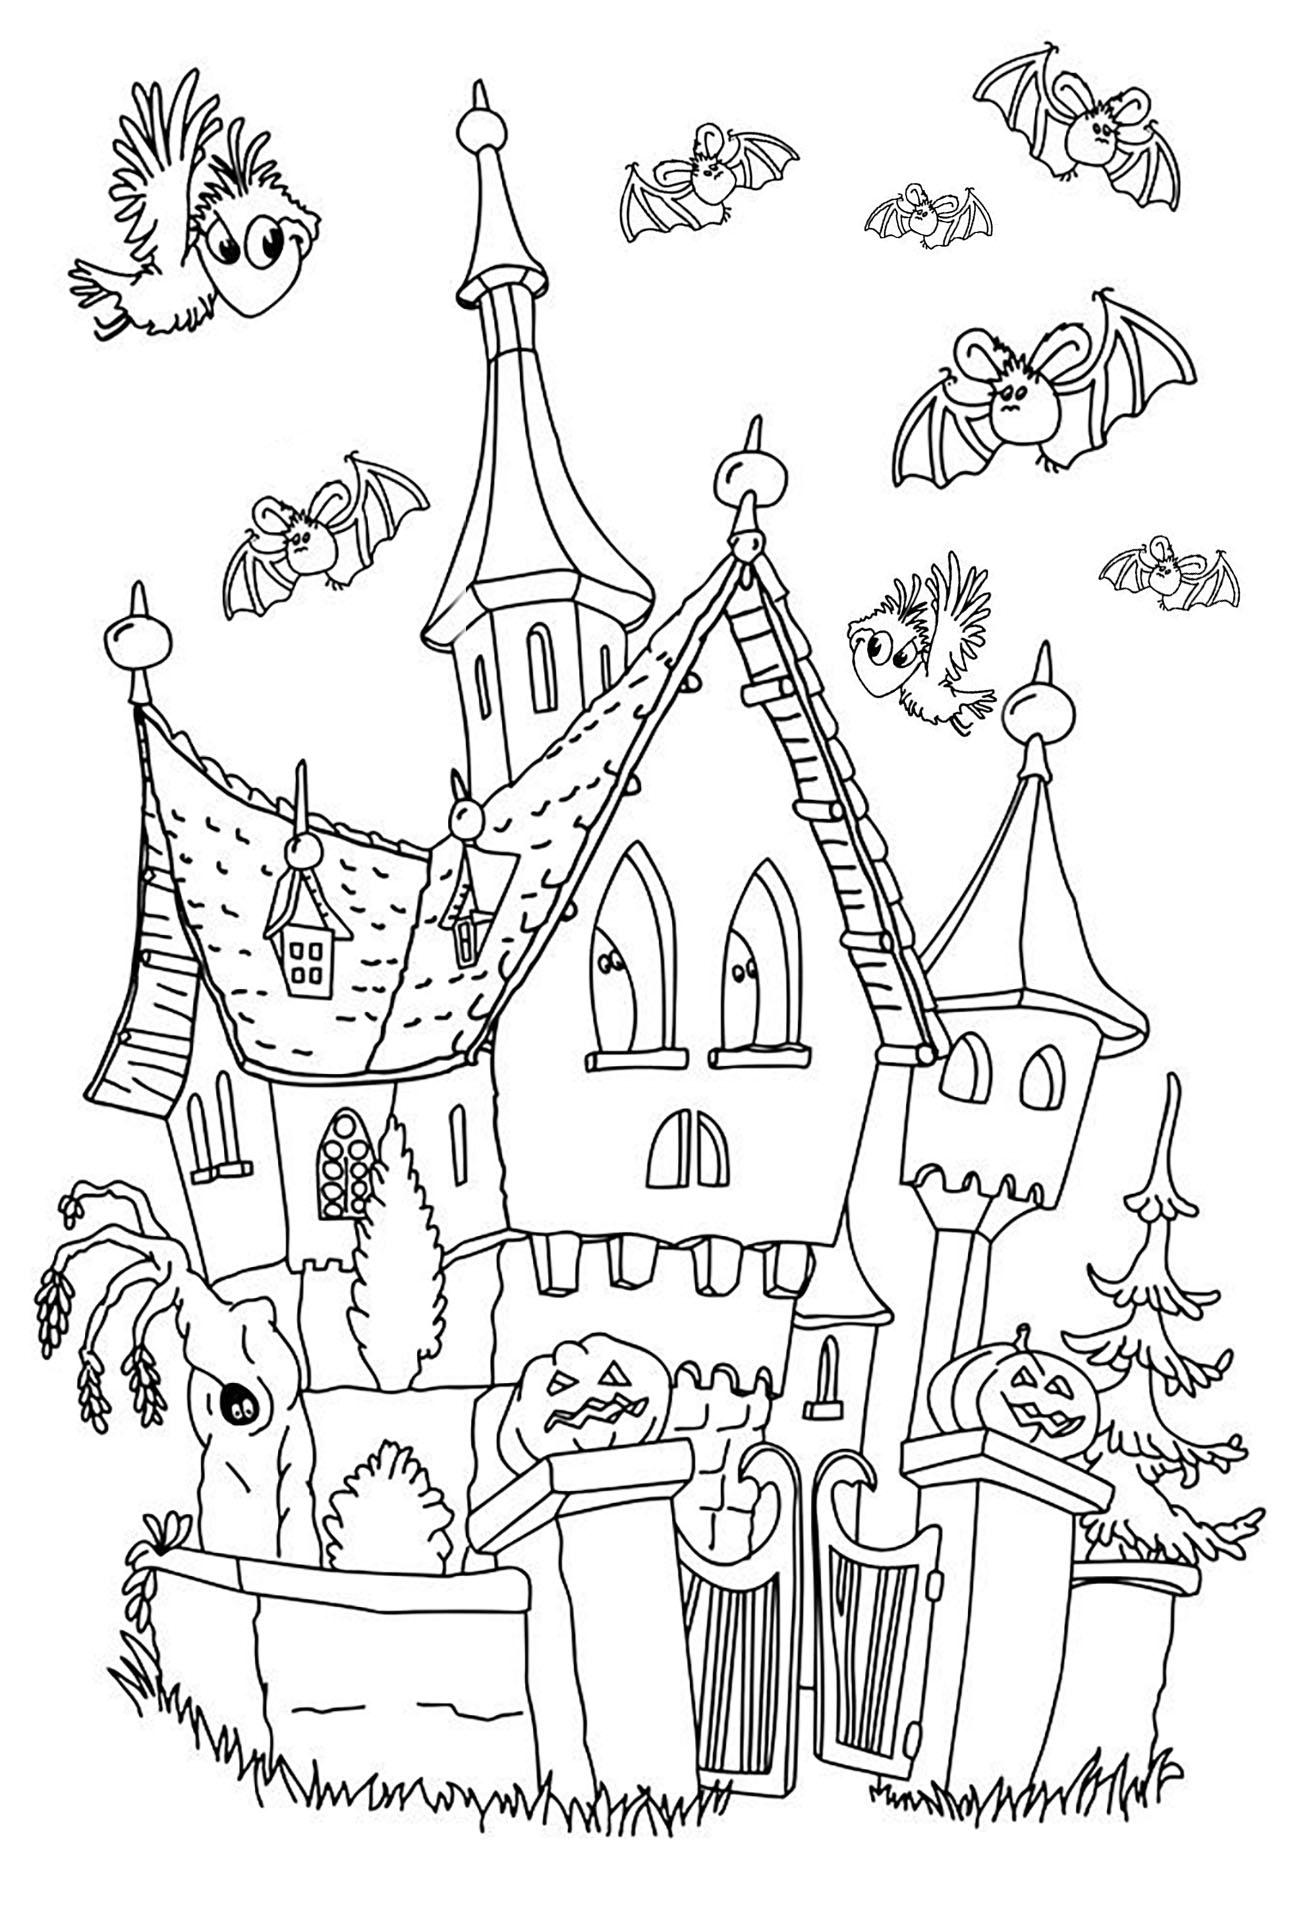 Disegni da colorare per adulti : Halloween - 17